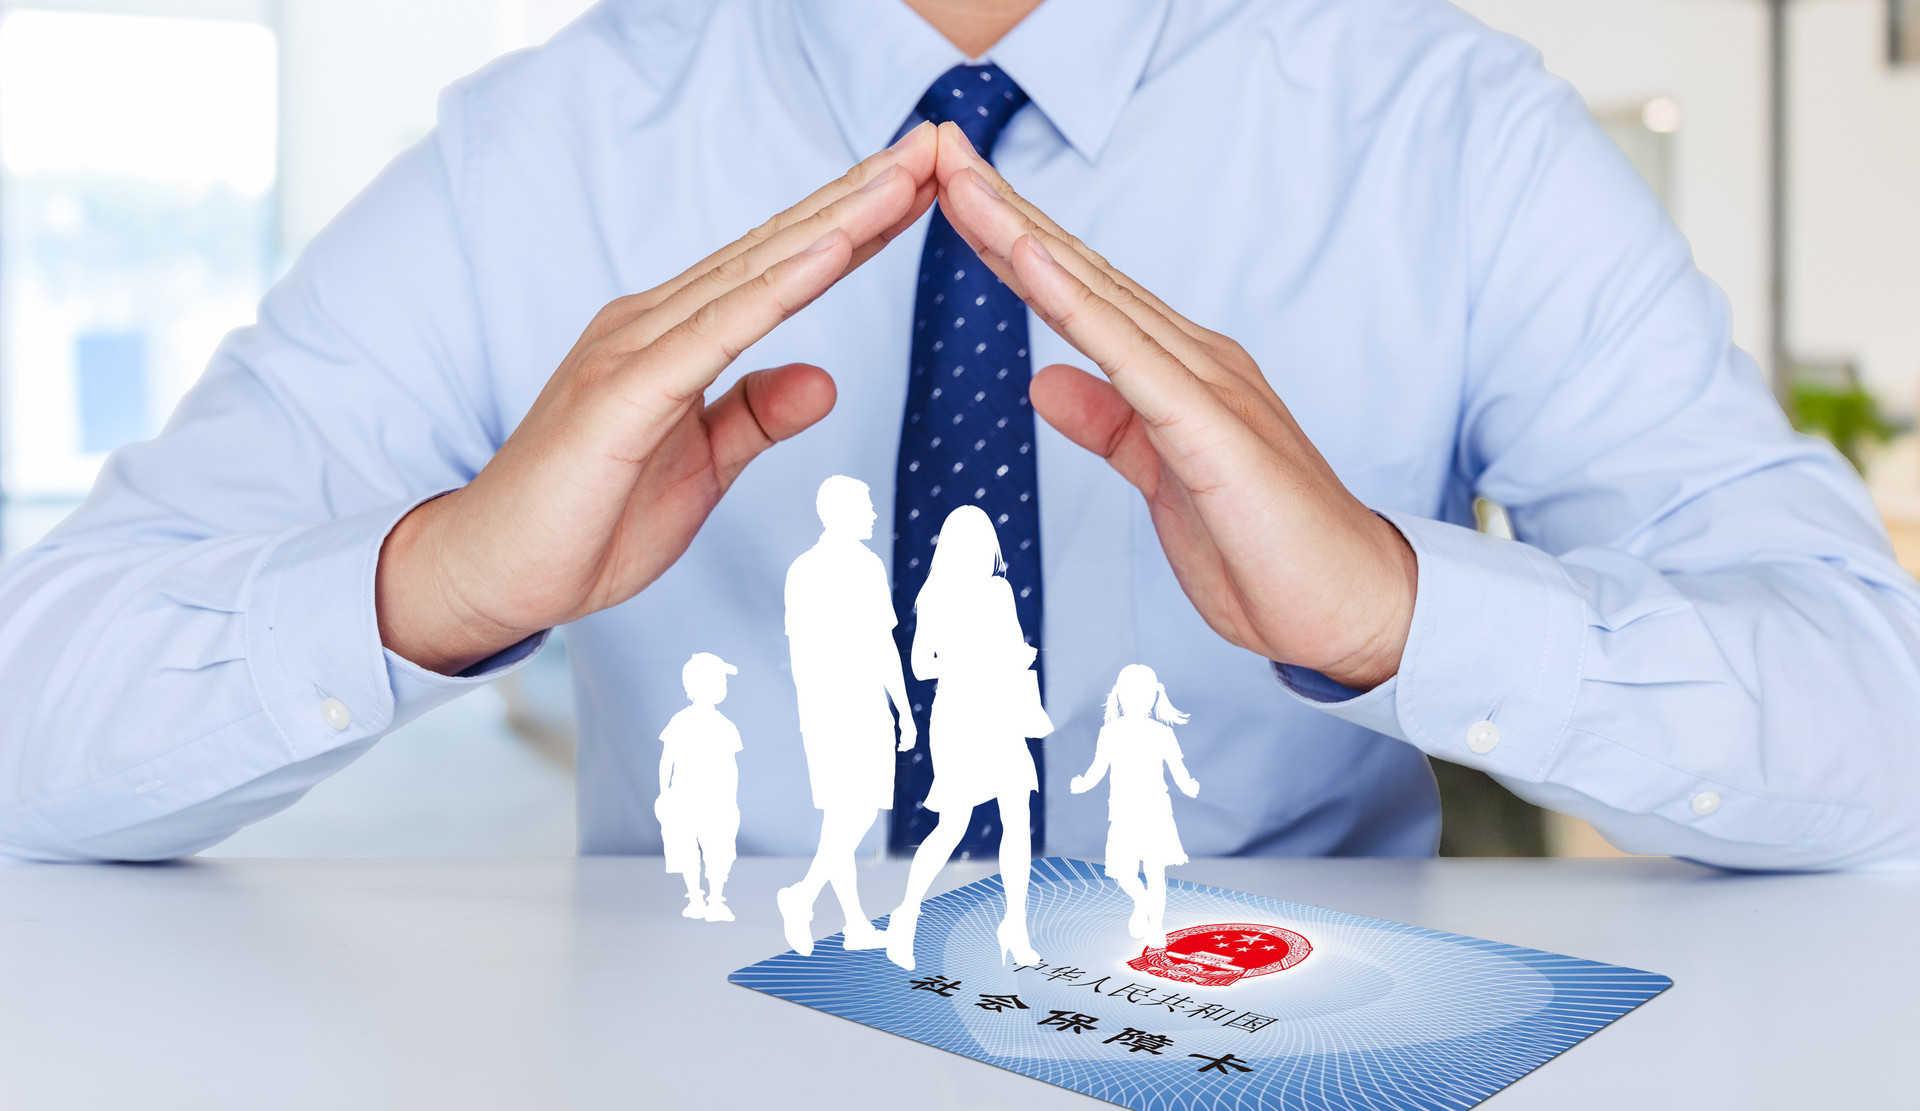 企业要给临时工缴纳养老保险吗,企业社保代理,全国社保公积金代缴